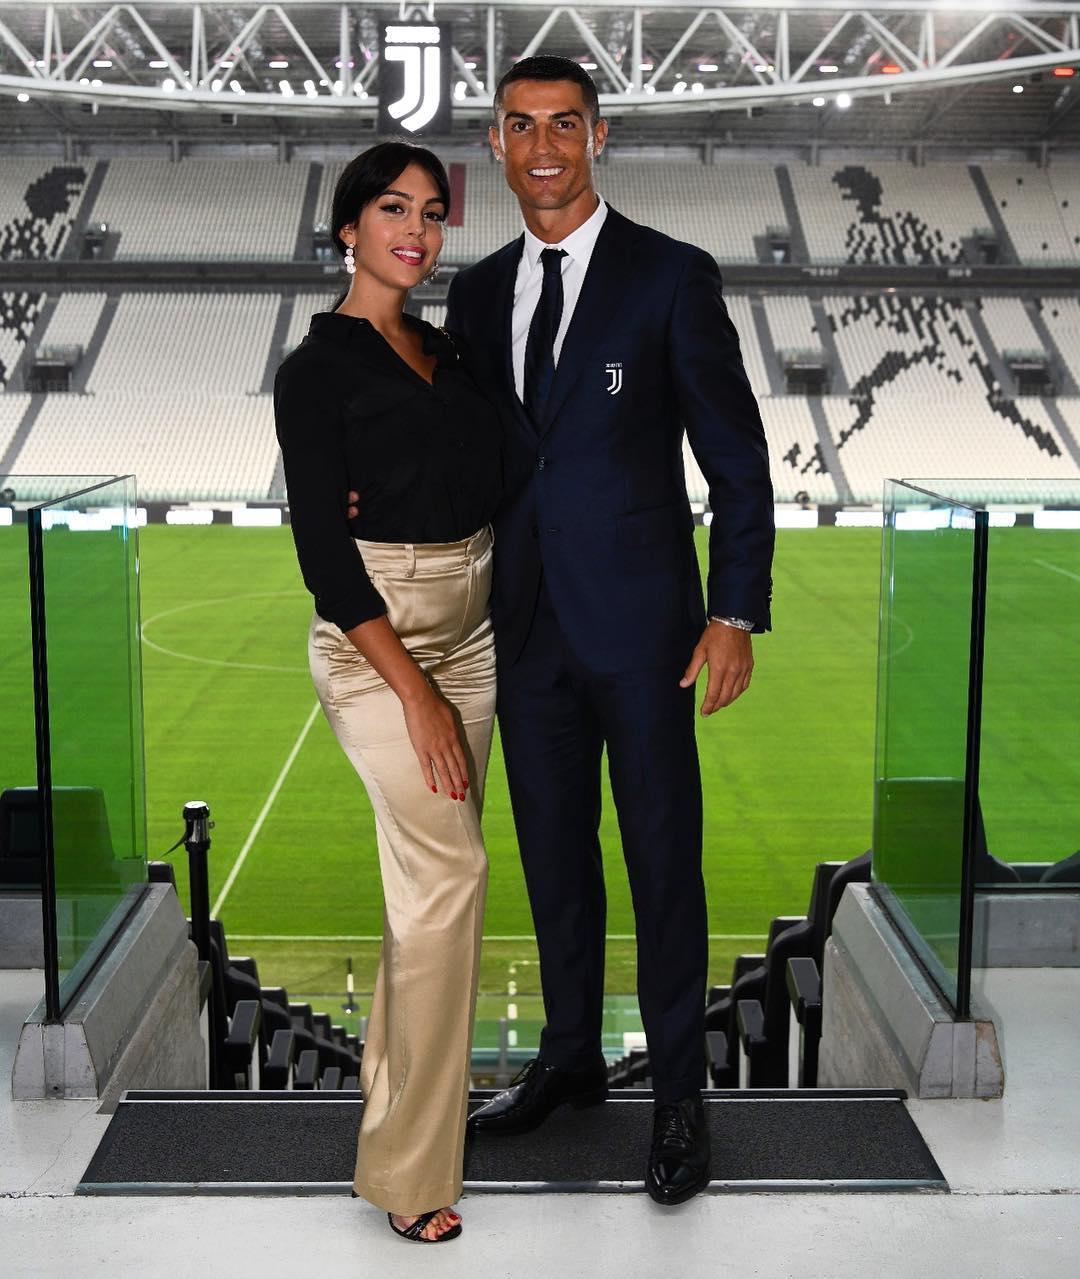 Cristiano Ronaldo Is Engaged To Georgina Rodriguez